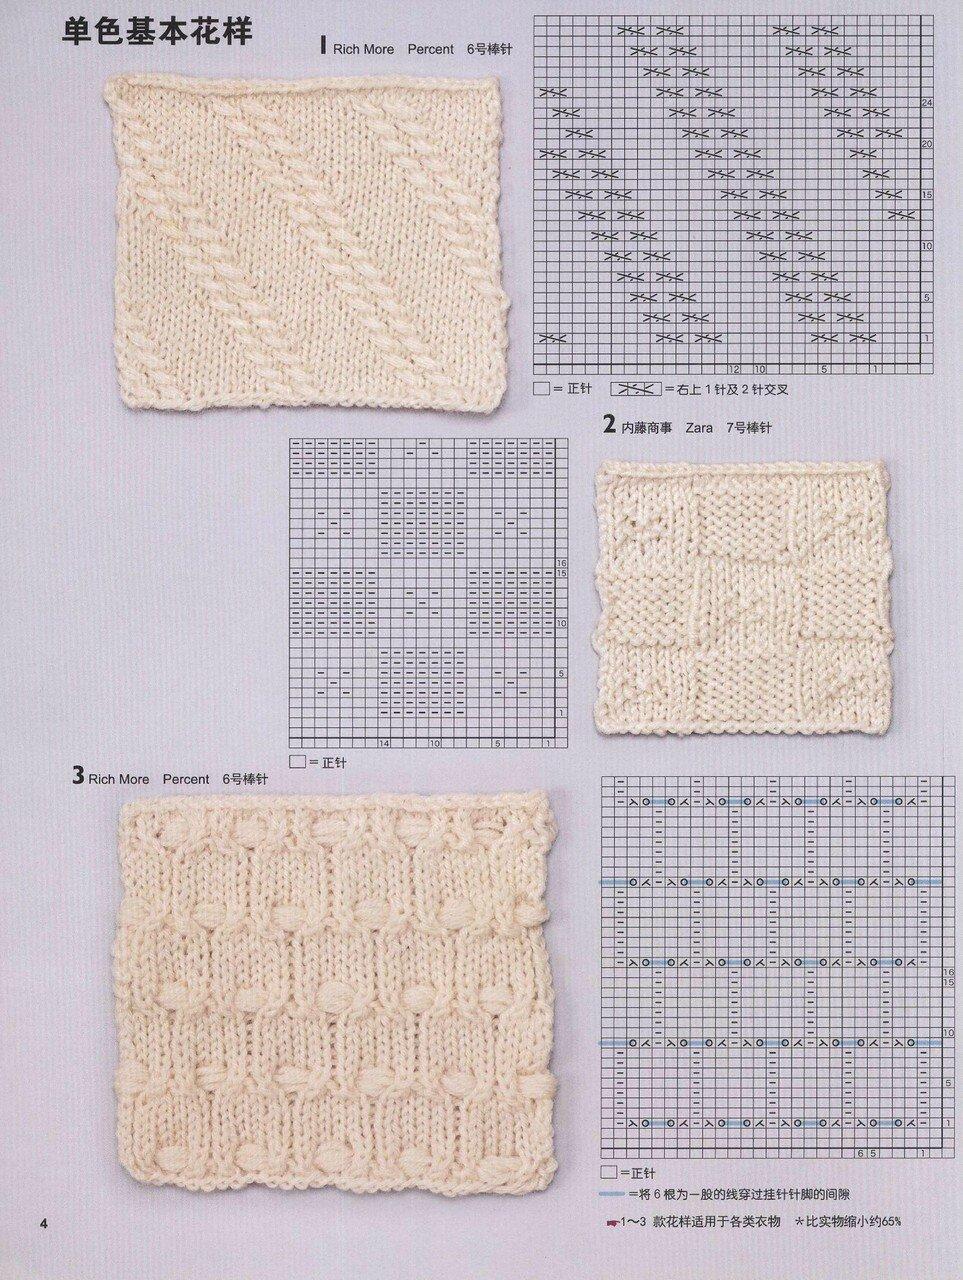 150 Knitting_6.jpg